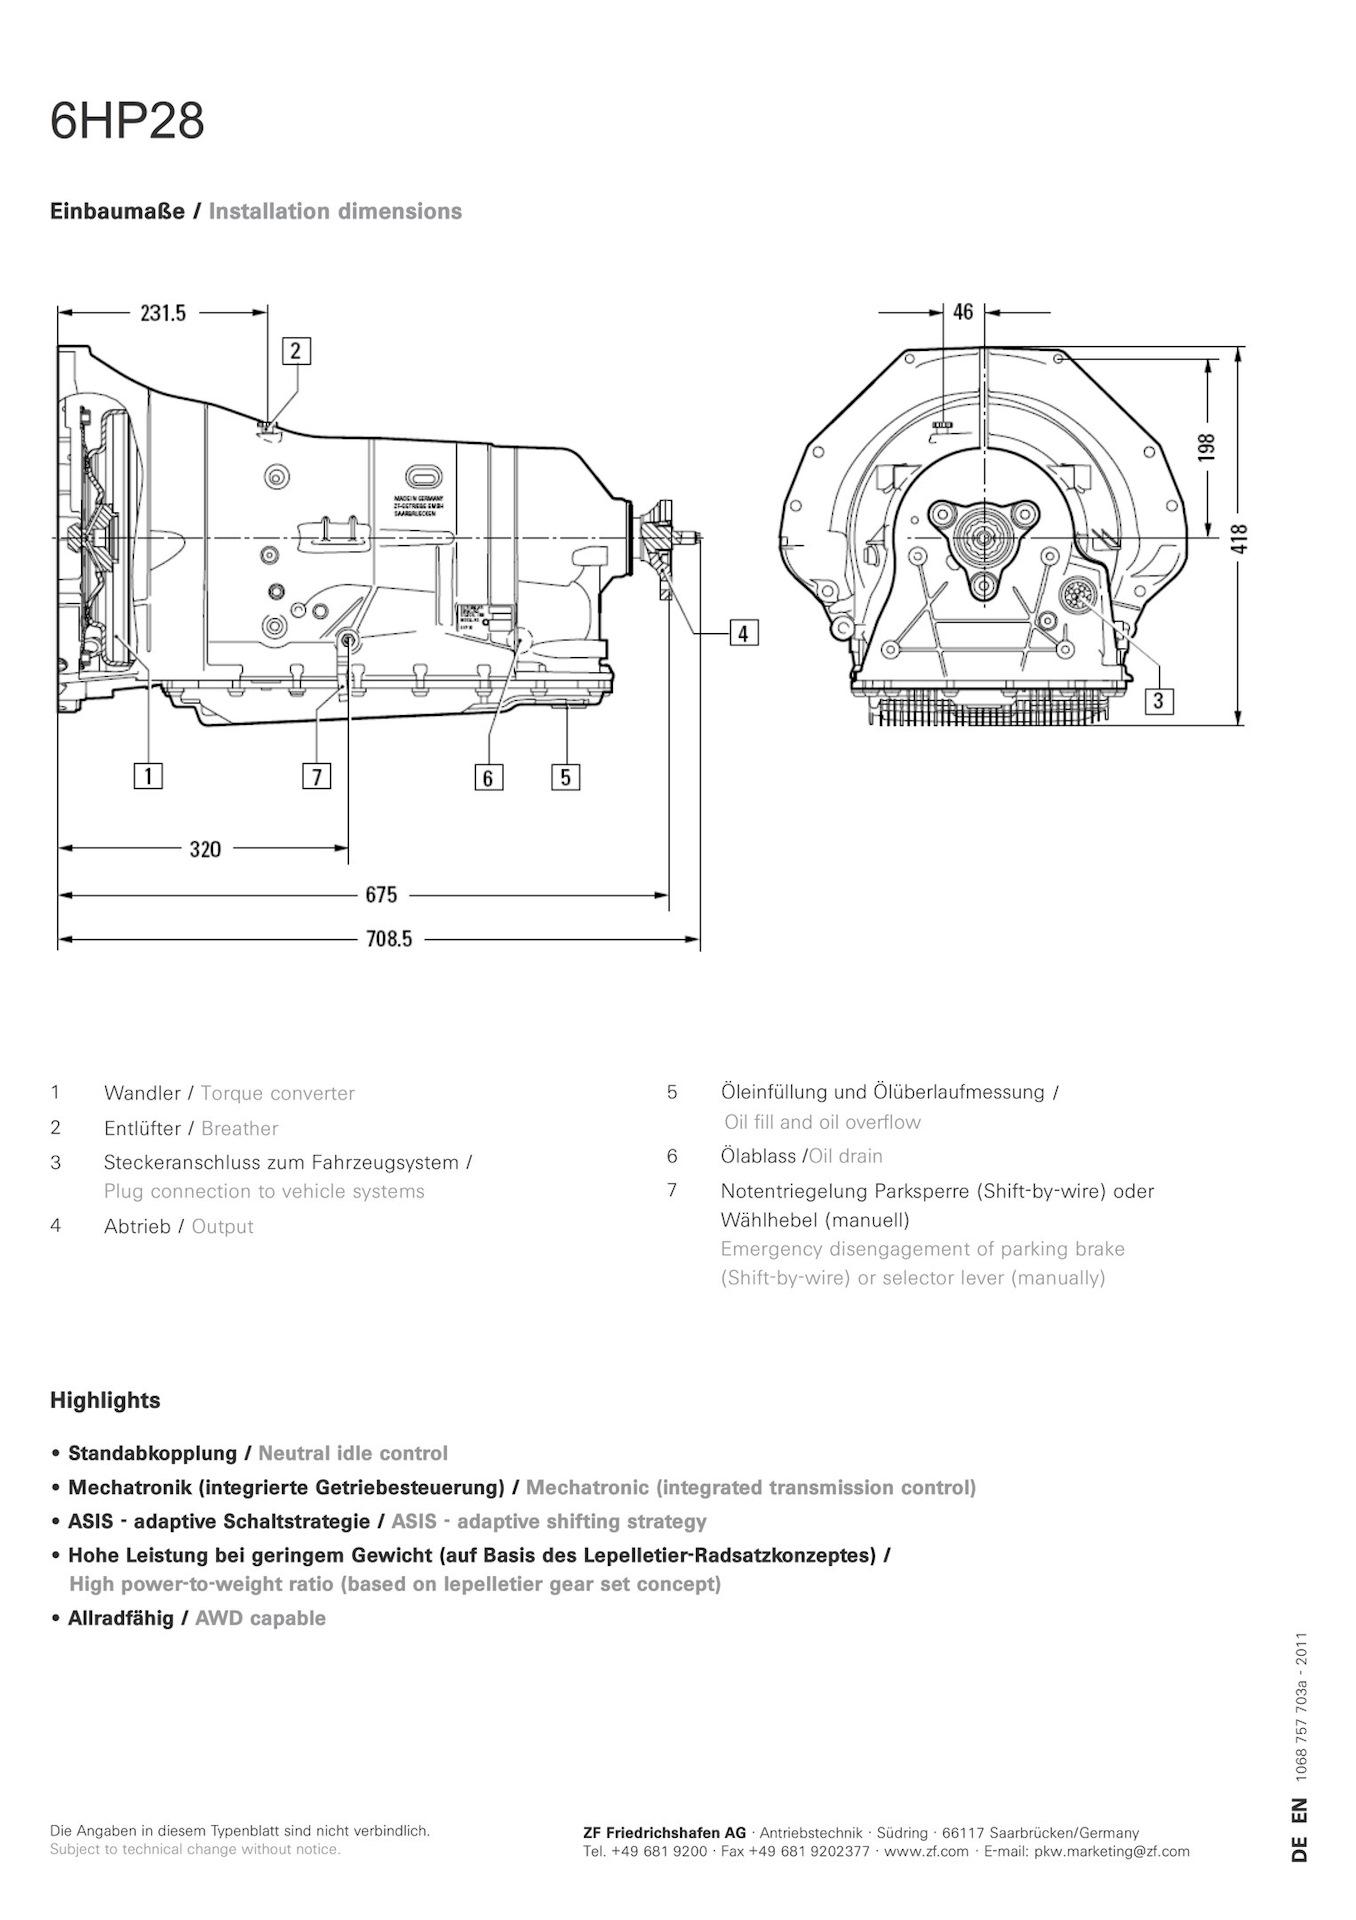 Техническая информация шестиступенчатой автоматической